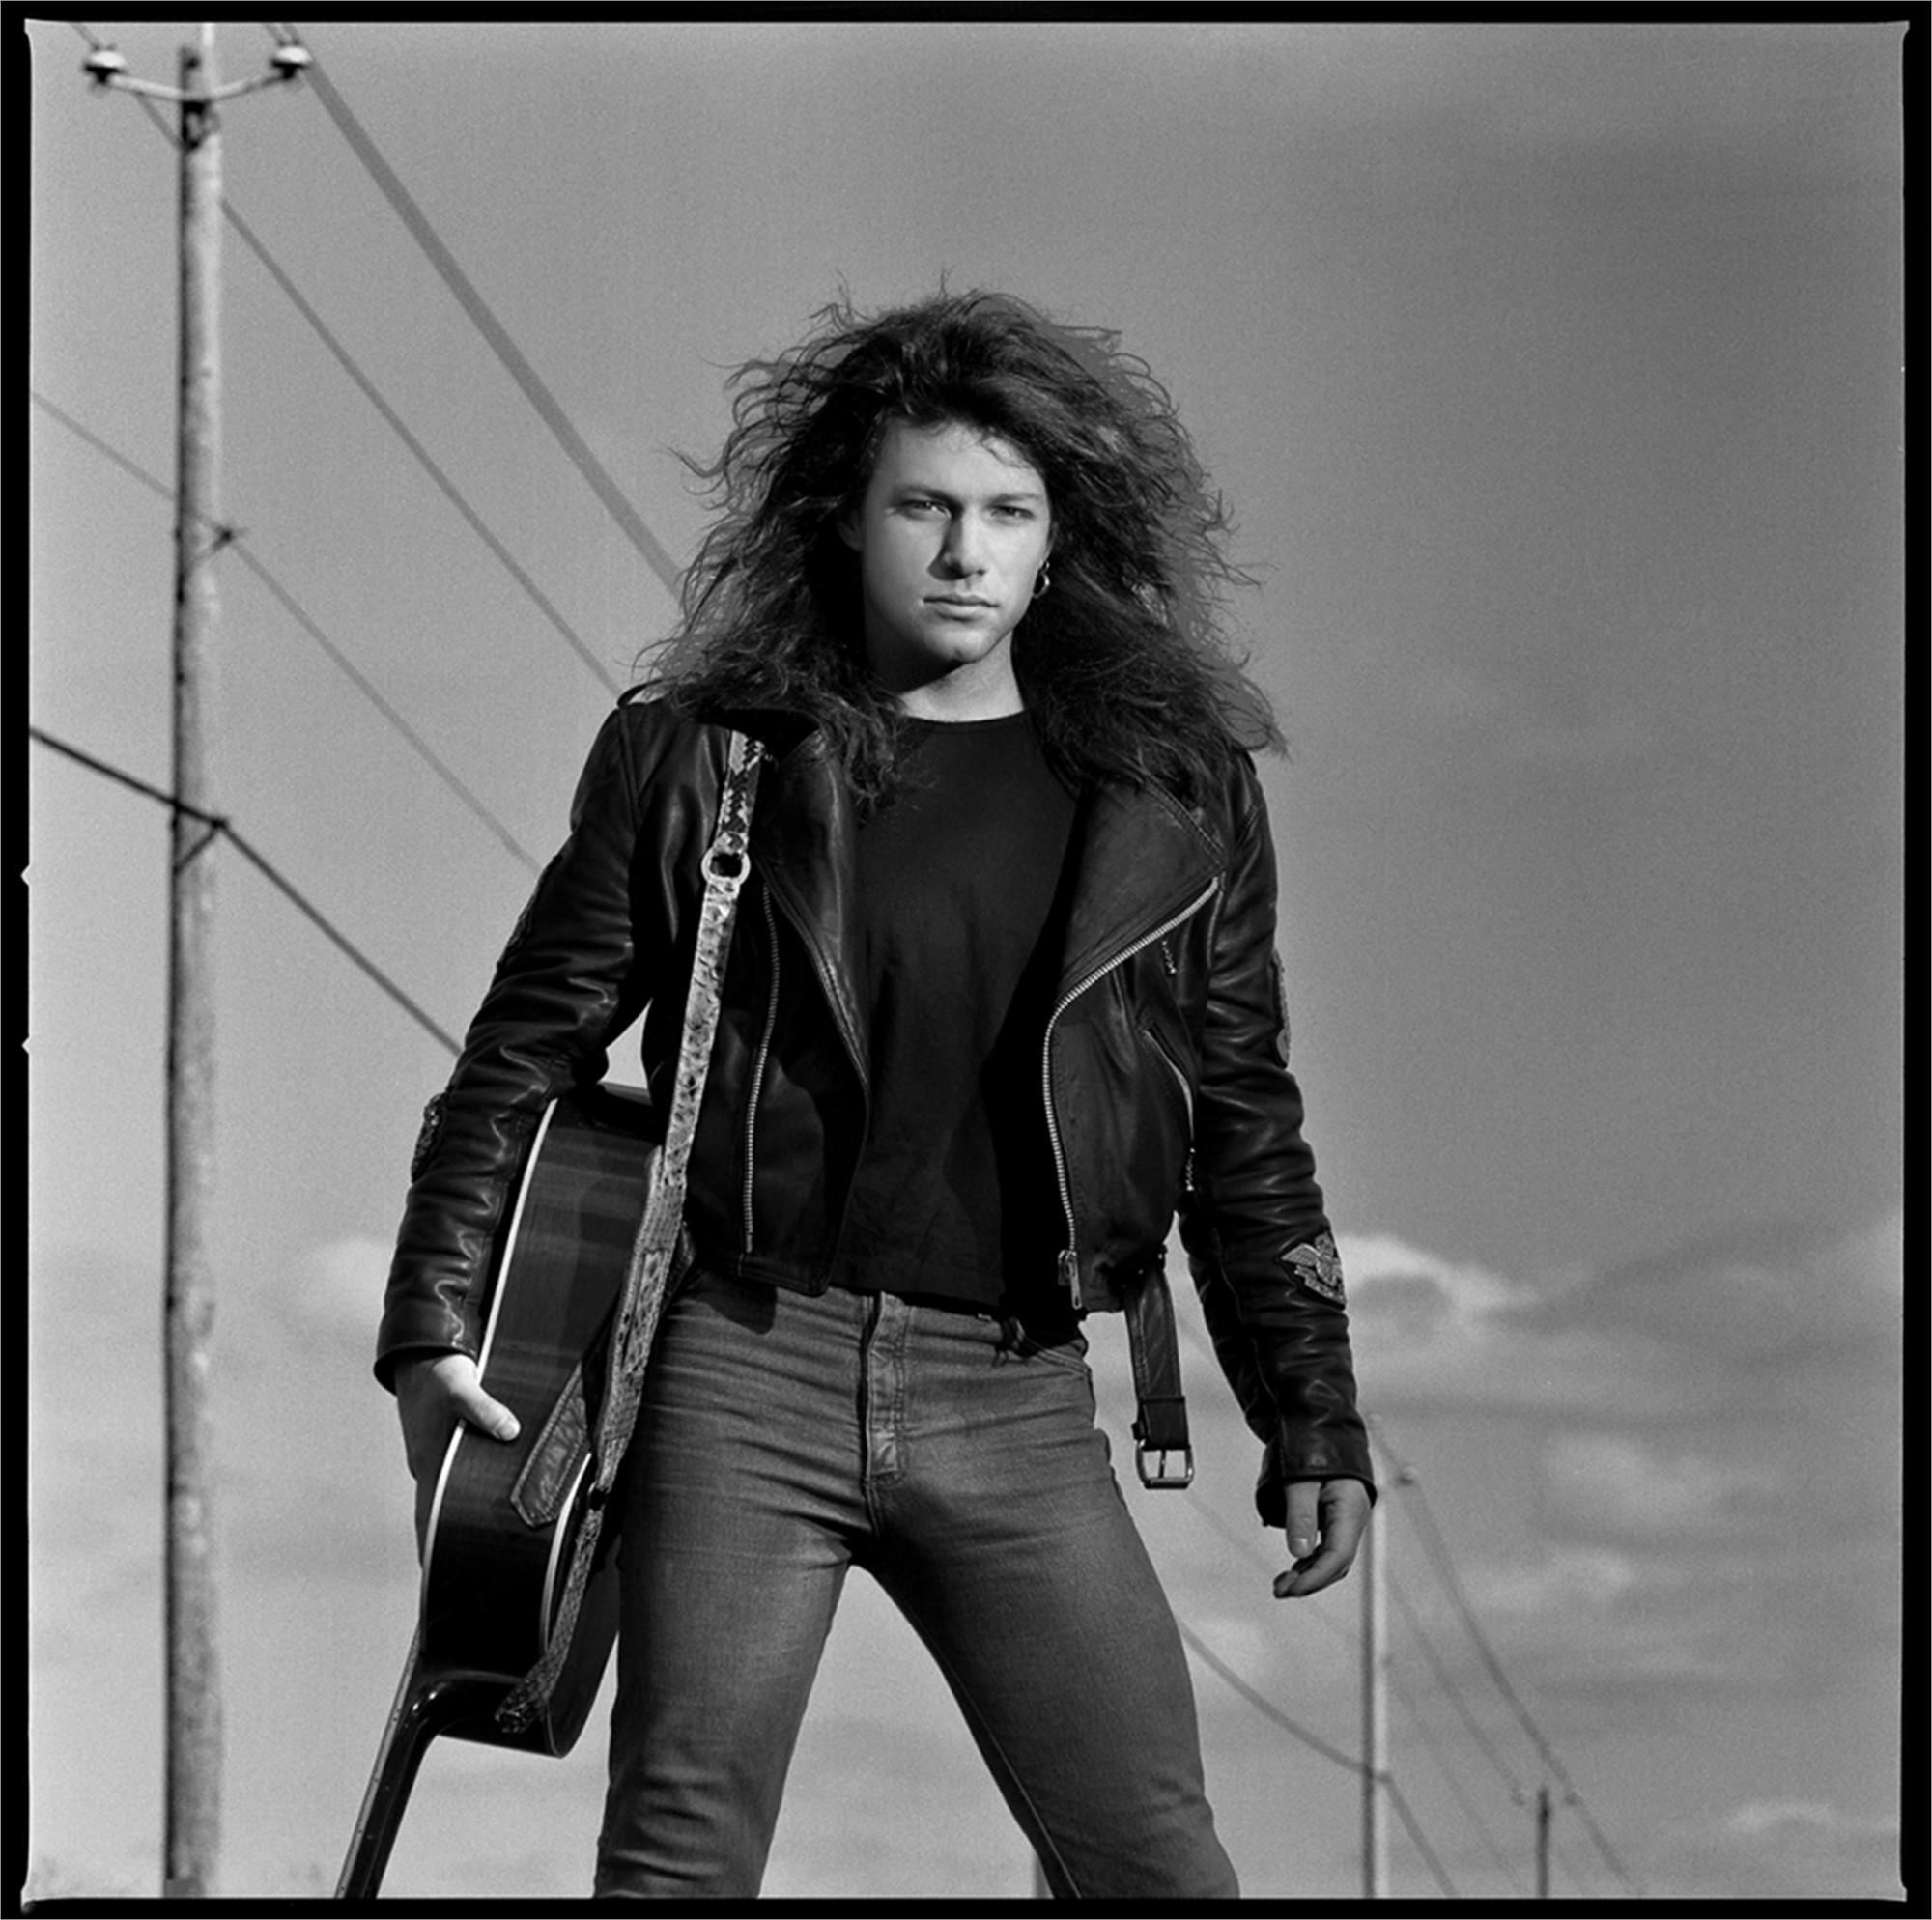 88182 Jon Bon Jovi Sky BW by Timothy White